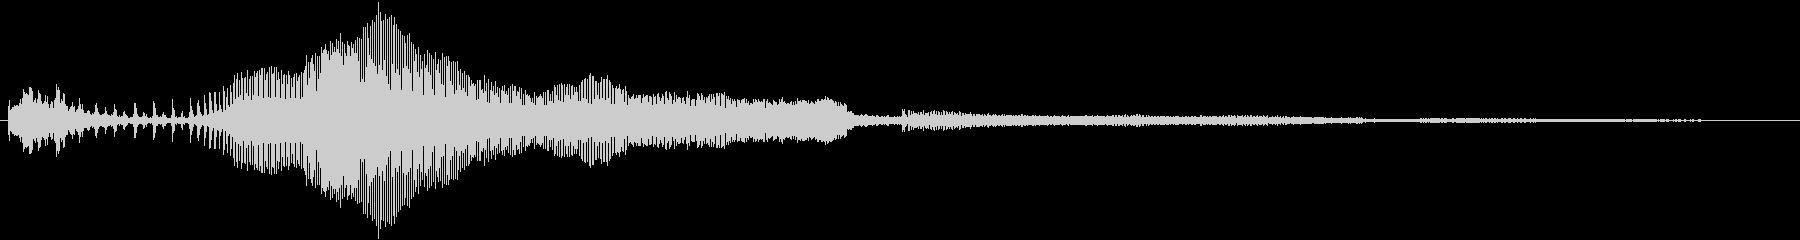 50 Cc電動スタートガススクータ...の未再生の波形